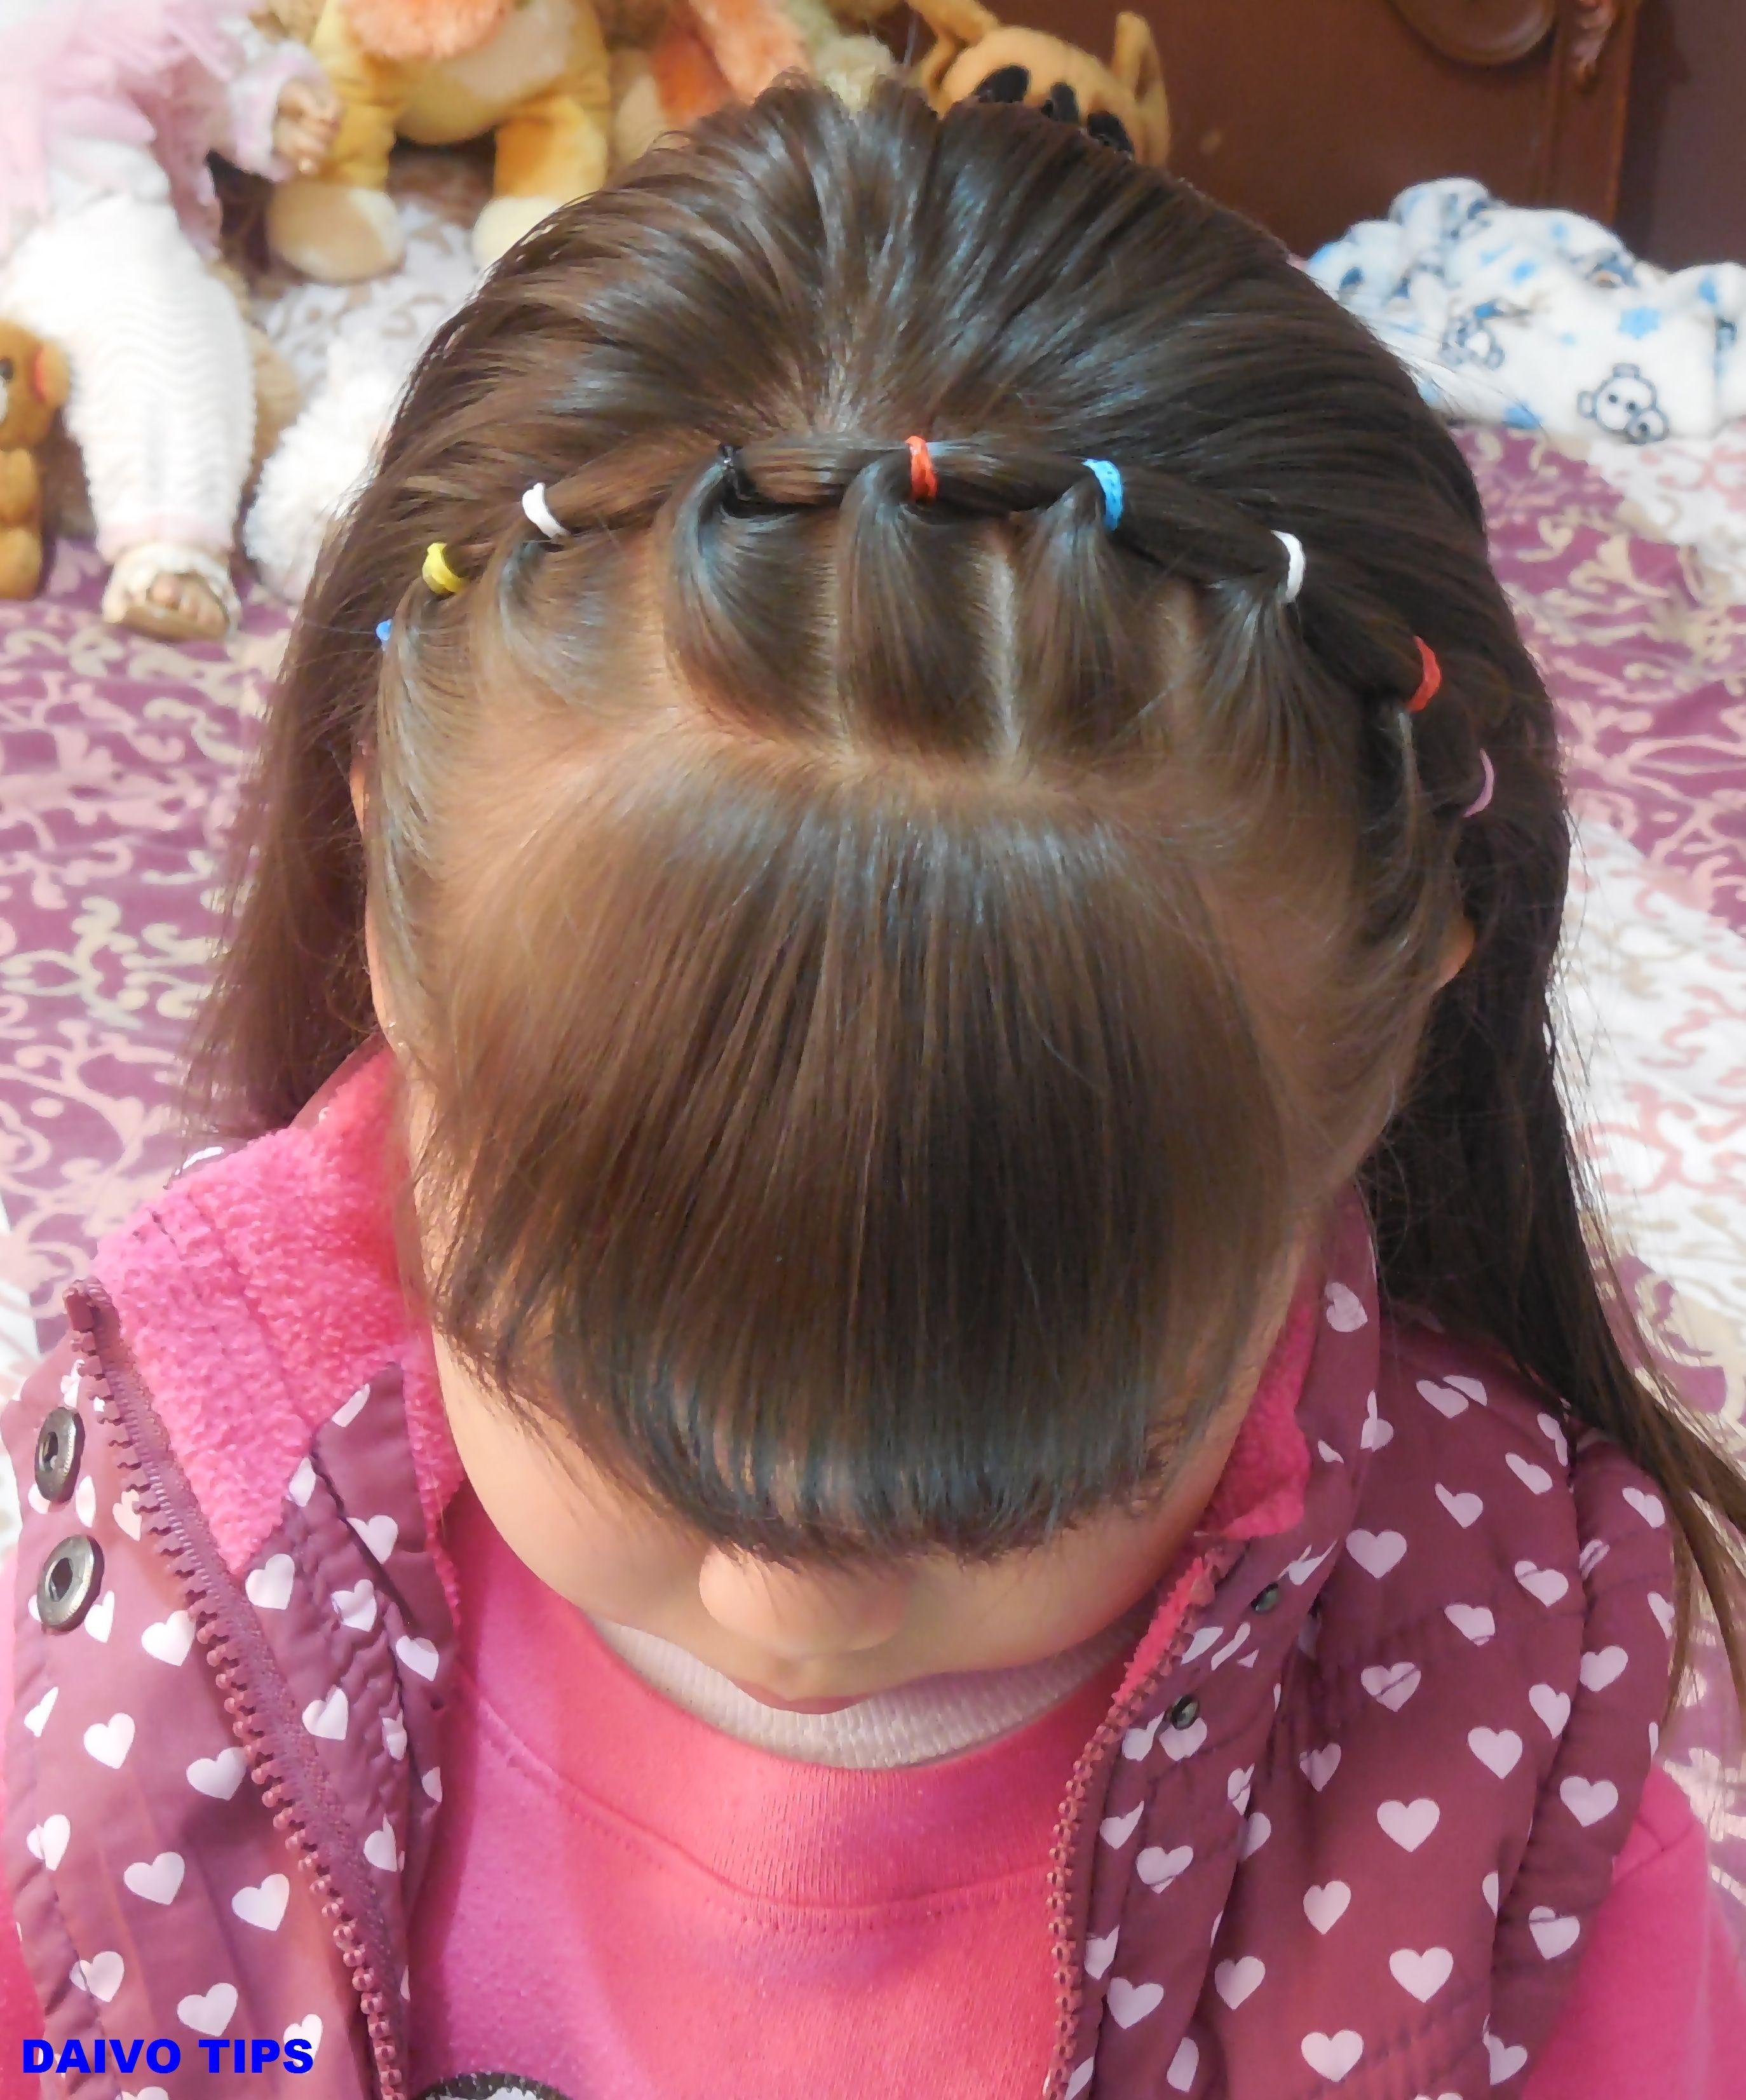 Peinado facil diadema con ligas peinados niñas pinterest hair